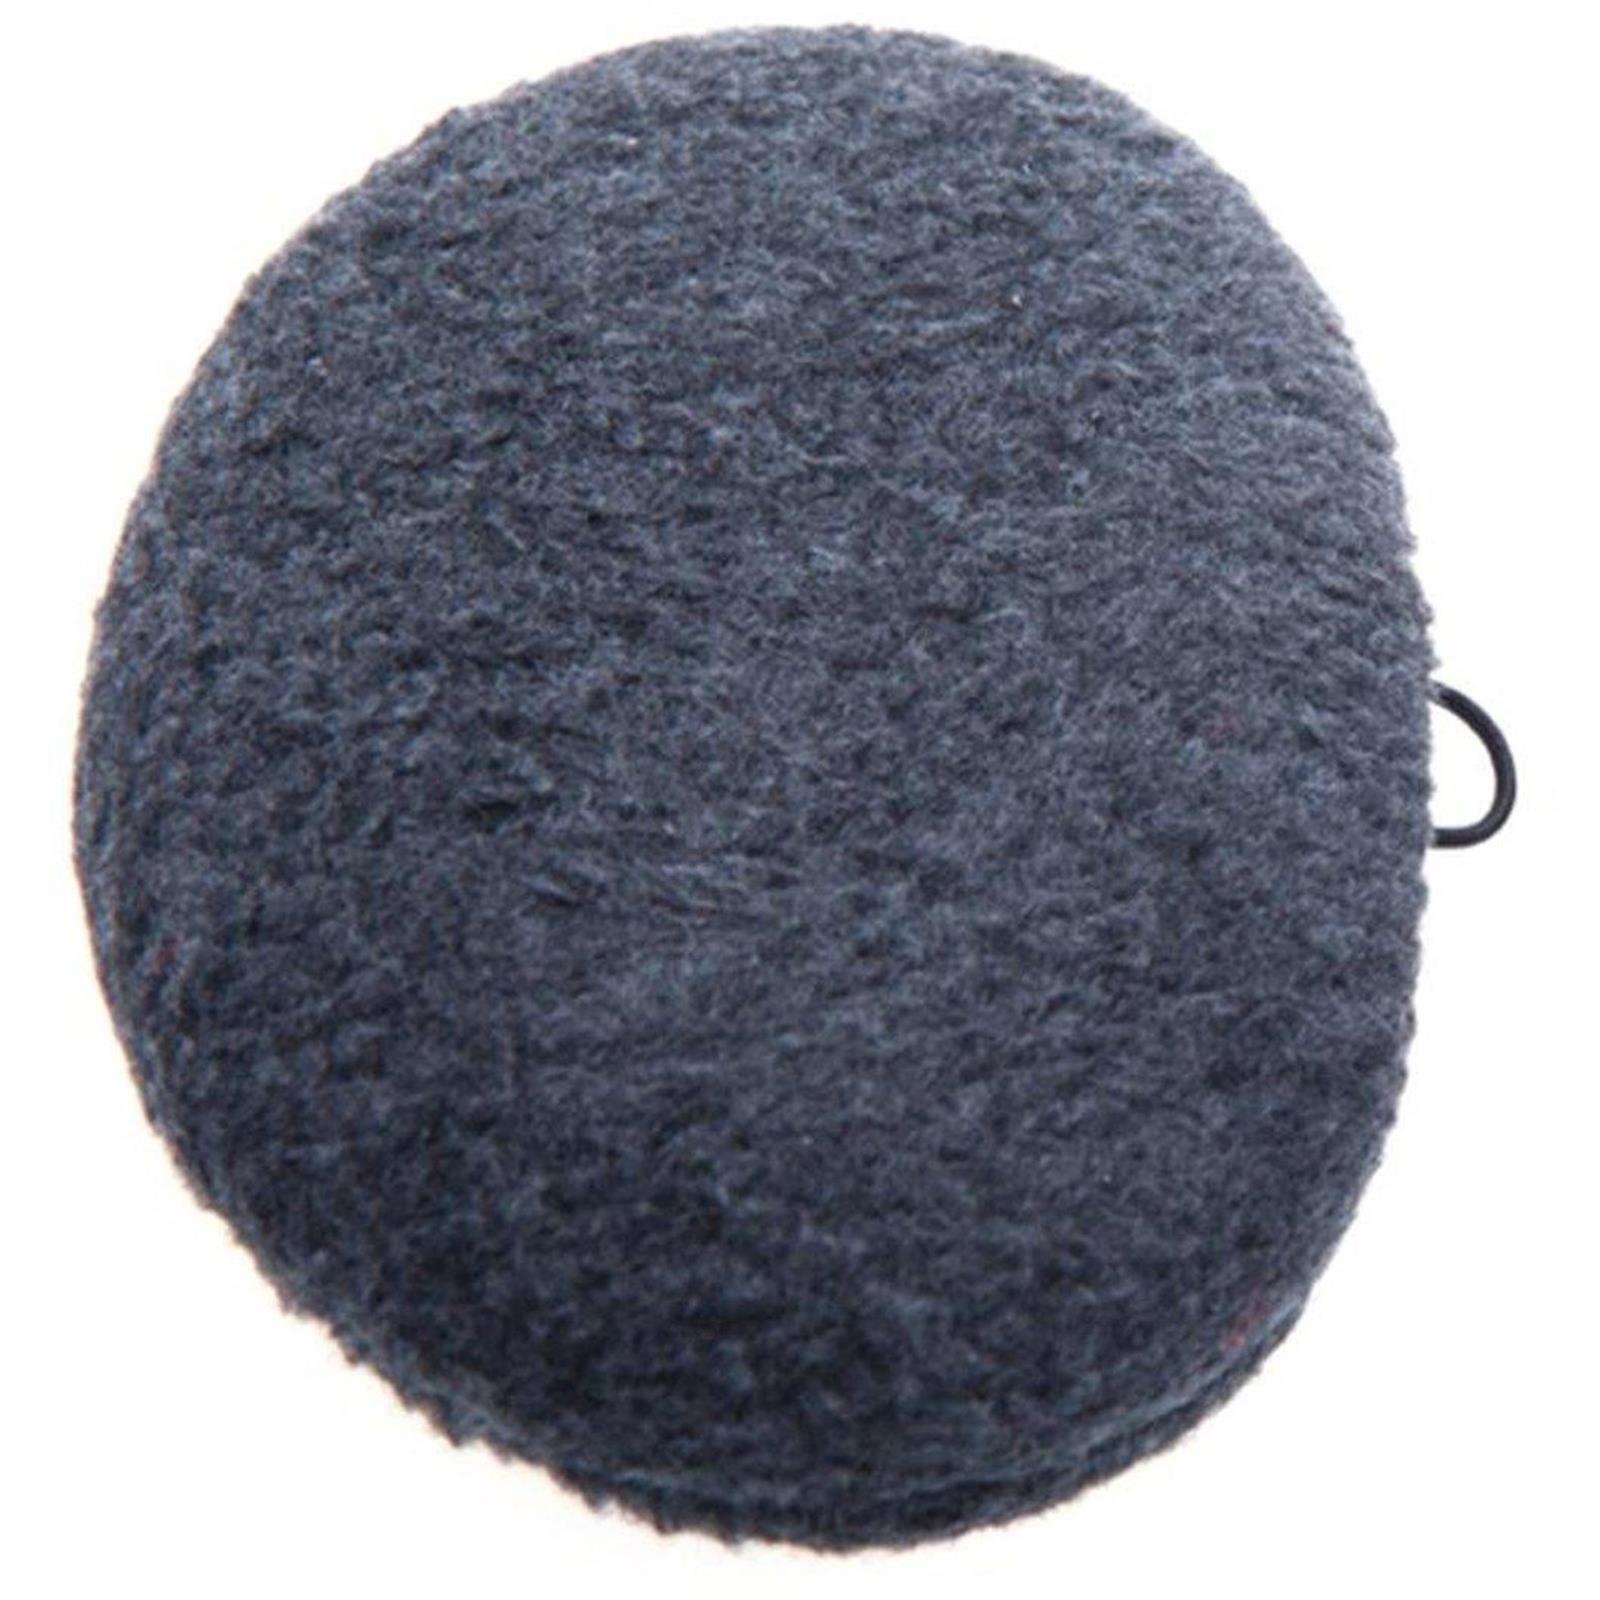 Helmet grau